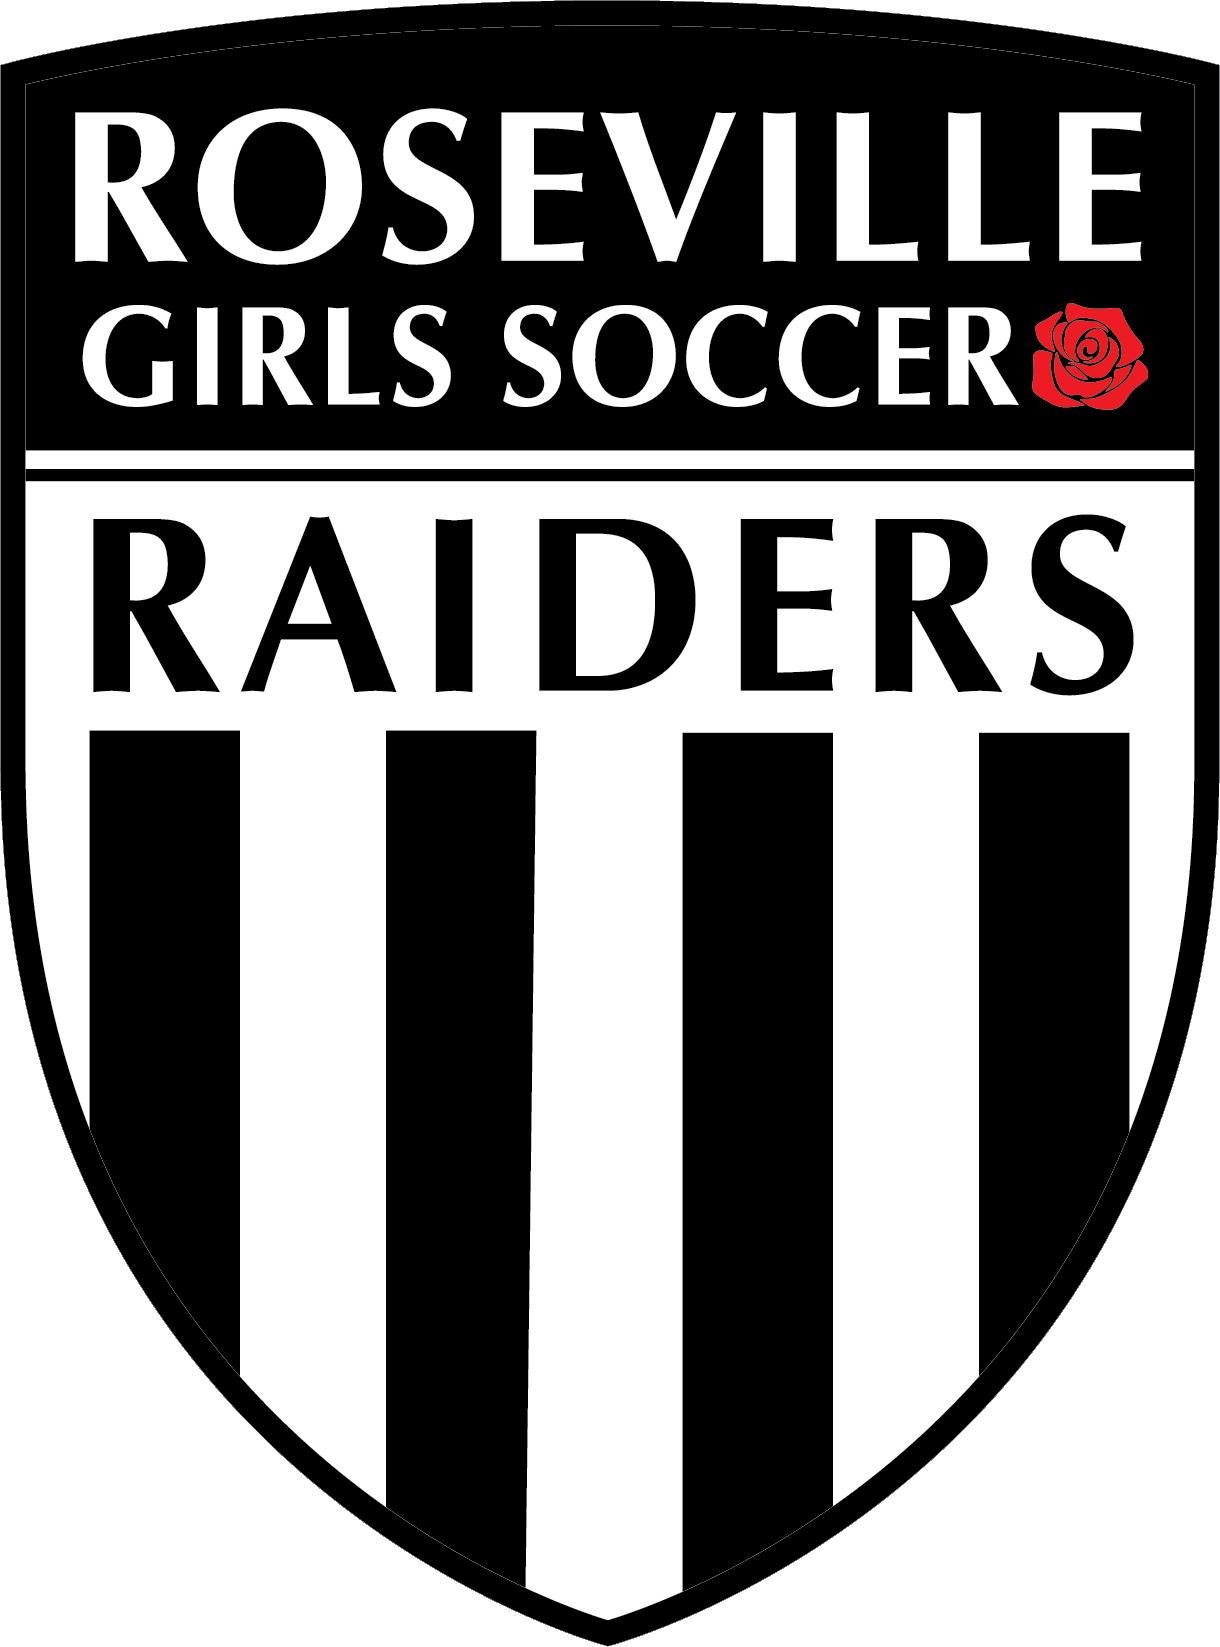 Roseville Girls Soccer